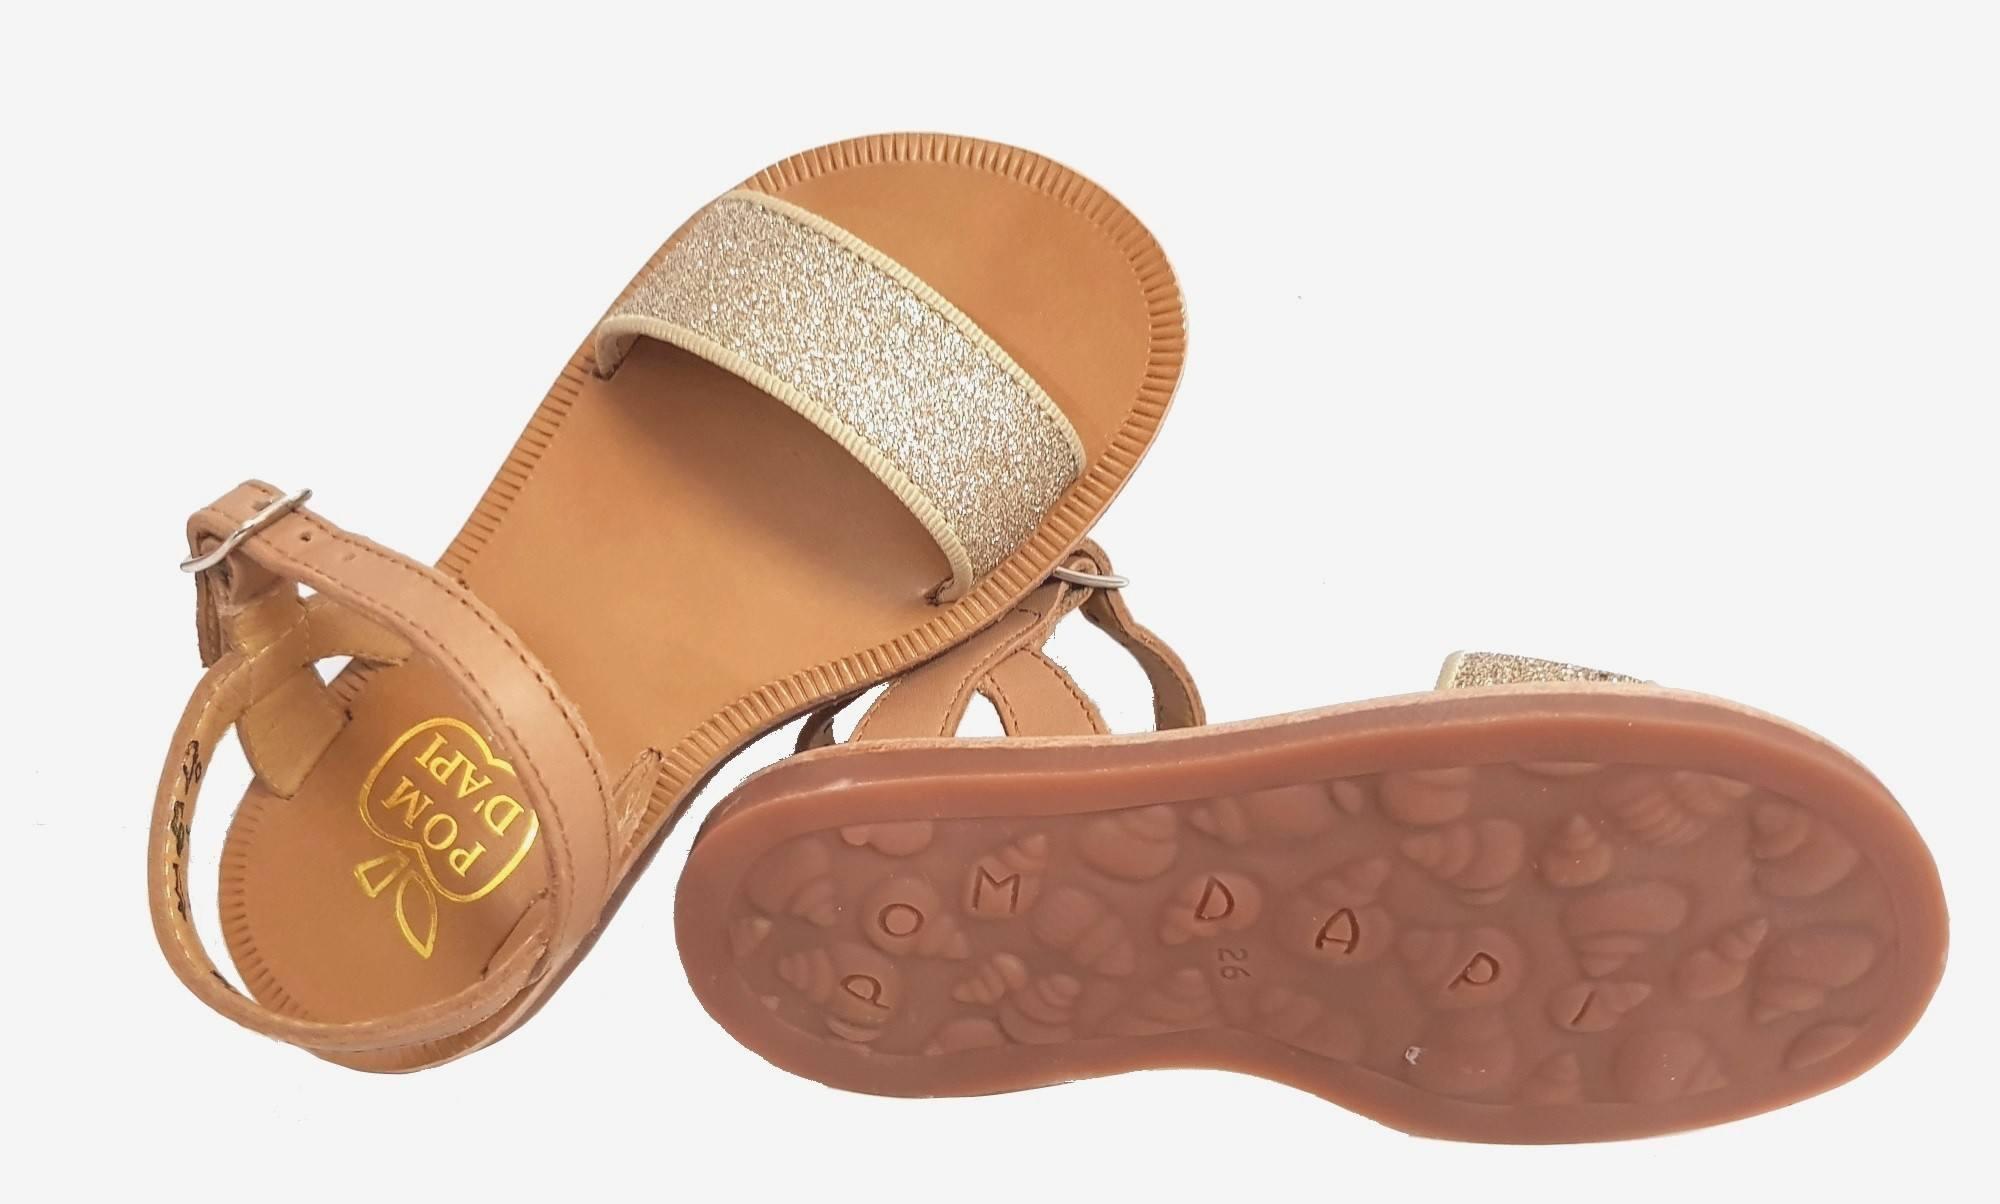 Plagette Buckle Tao, nu-pied Pom d'Api en cuir camel avec une large sangle glitter or et 1 bride à velcro